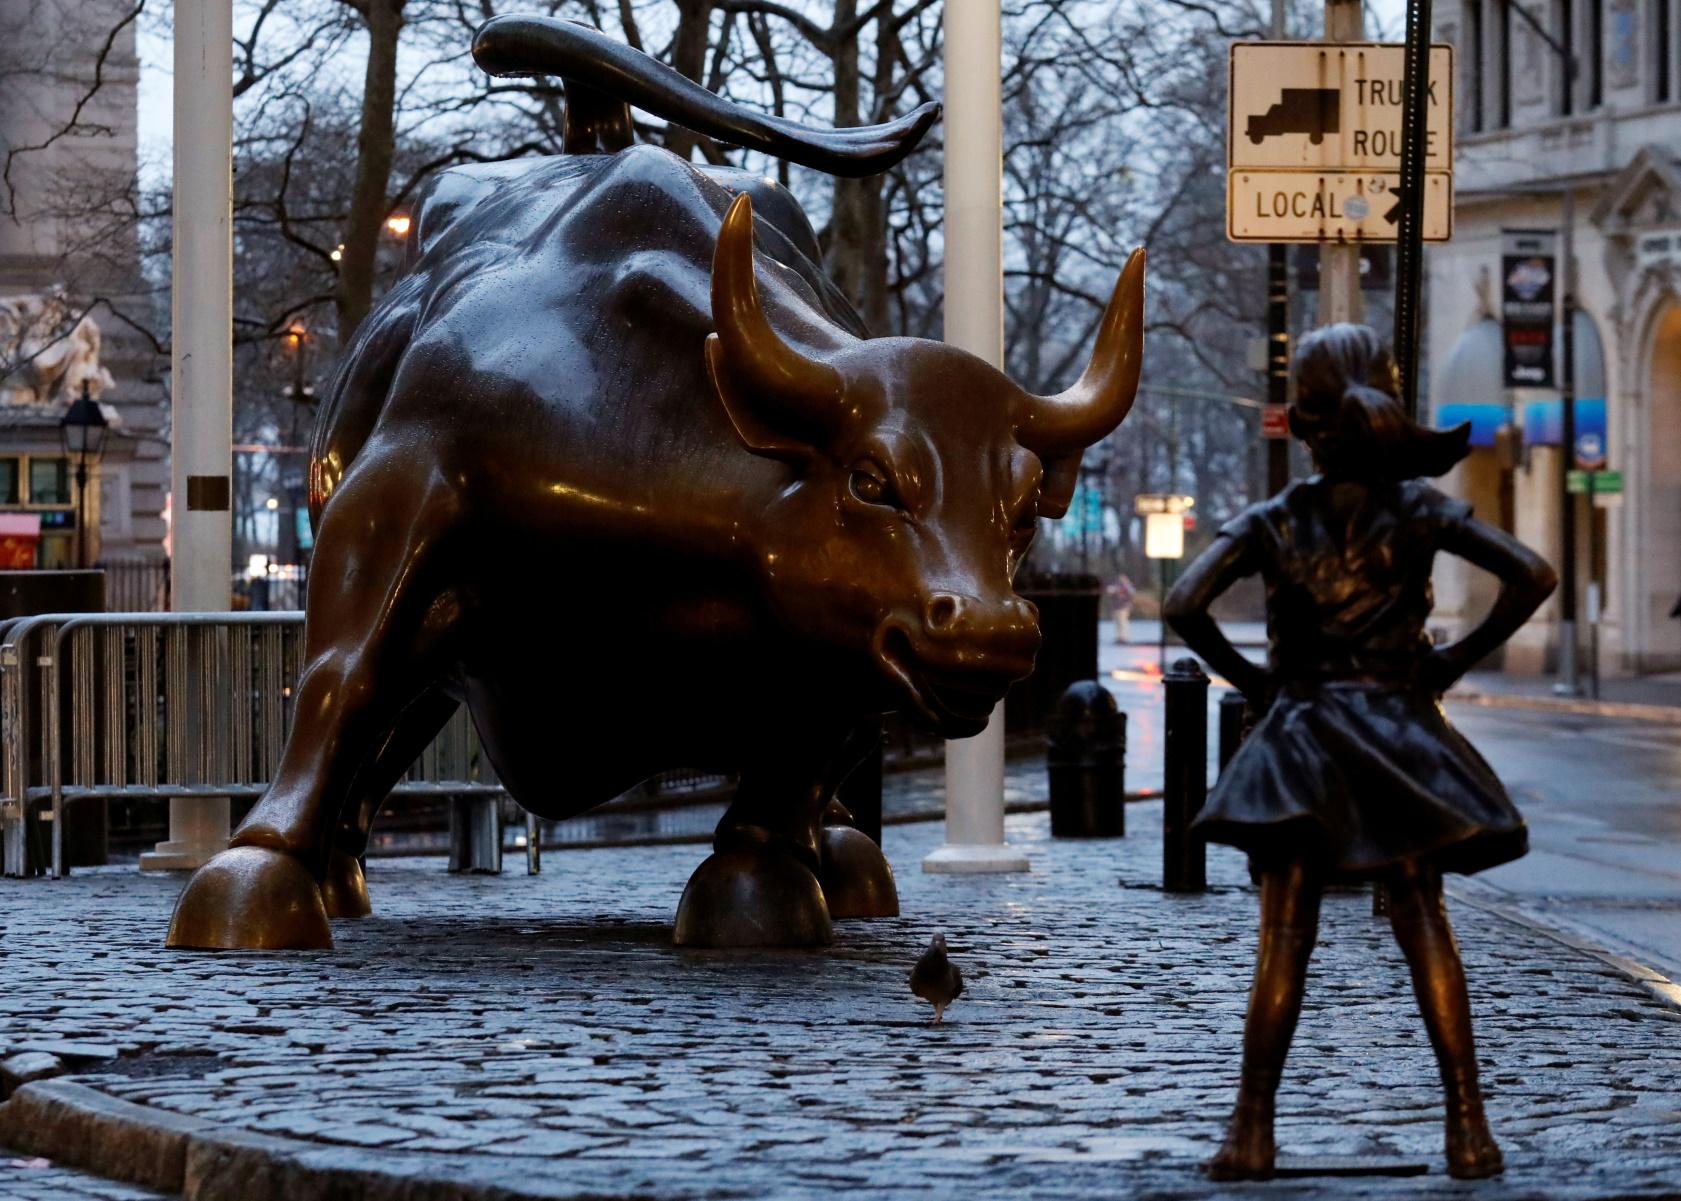 Πέθανε ο δημιουργός του Ταύρου της Wall Street